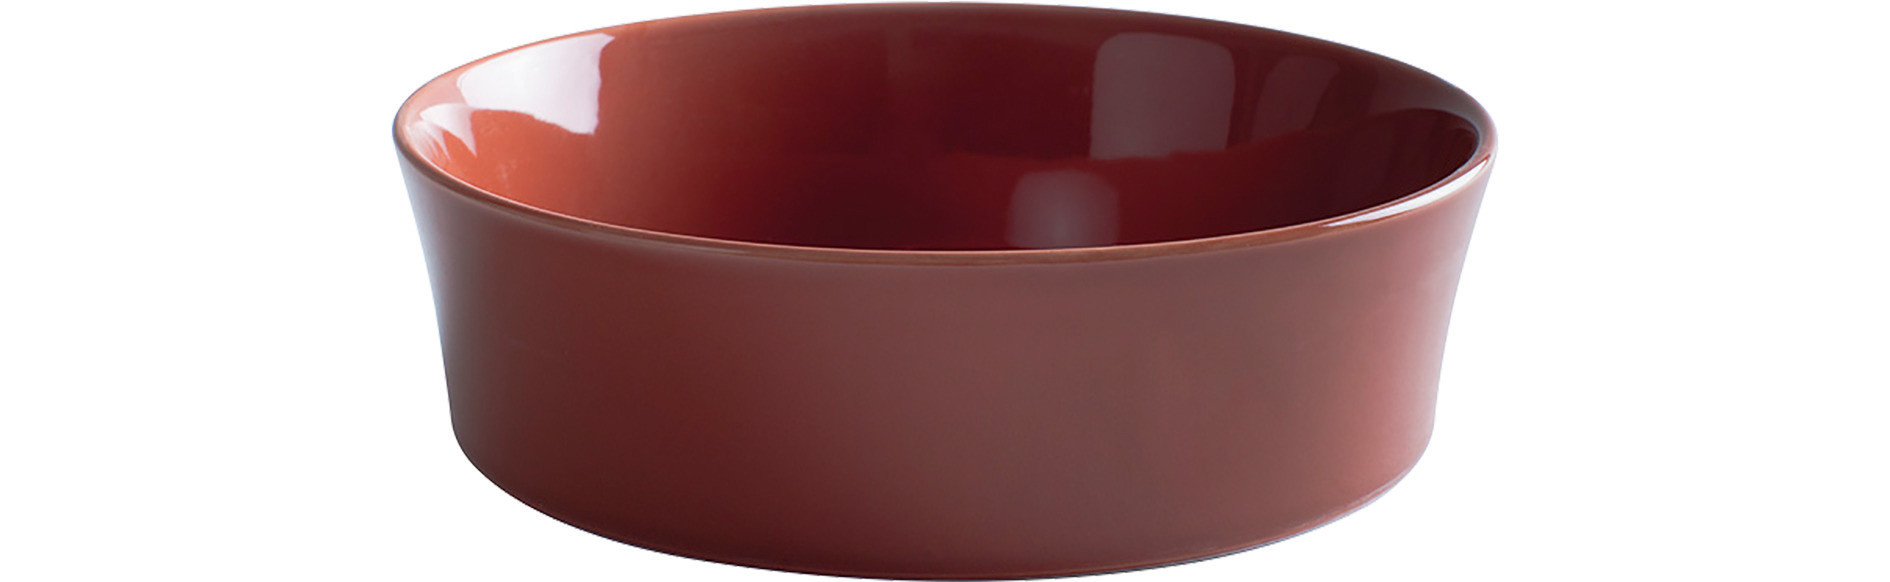 Homestyle, Auflaufform rund ø 200 mm siena red